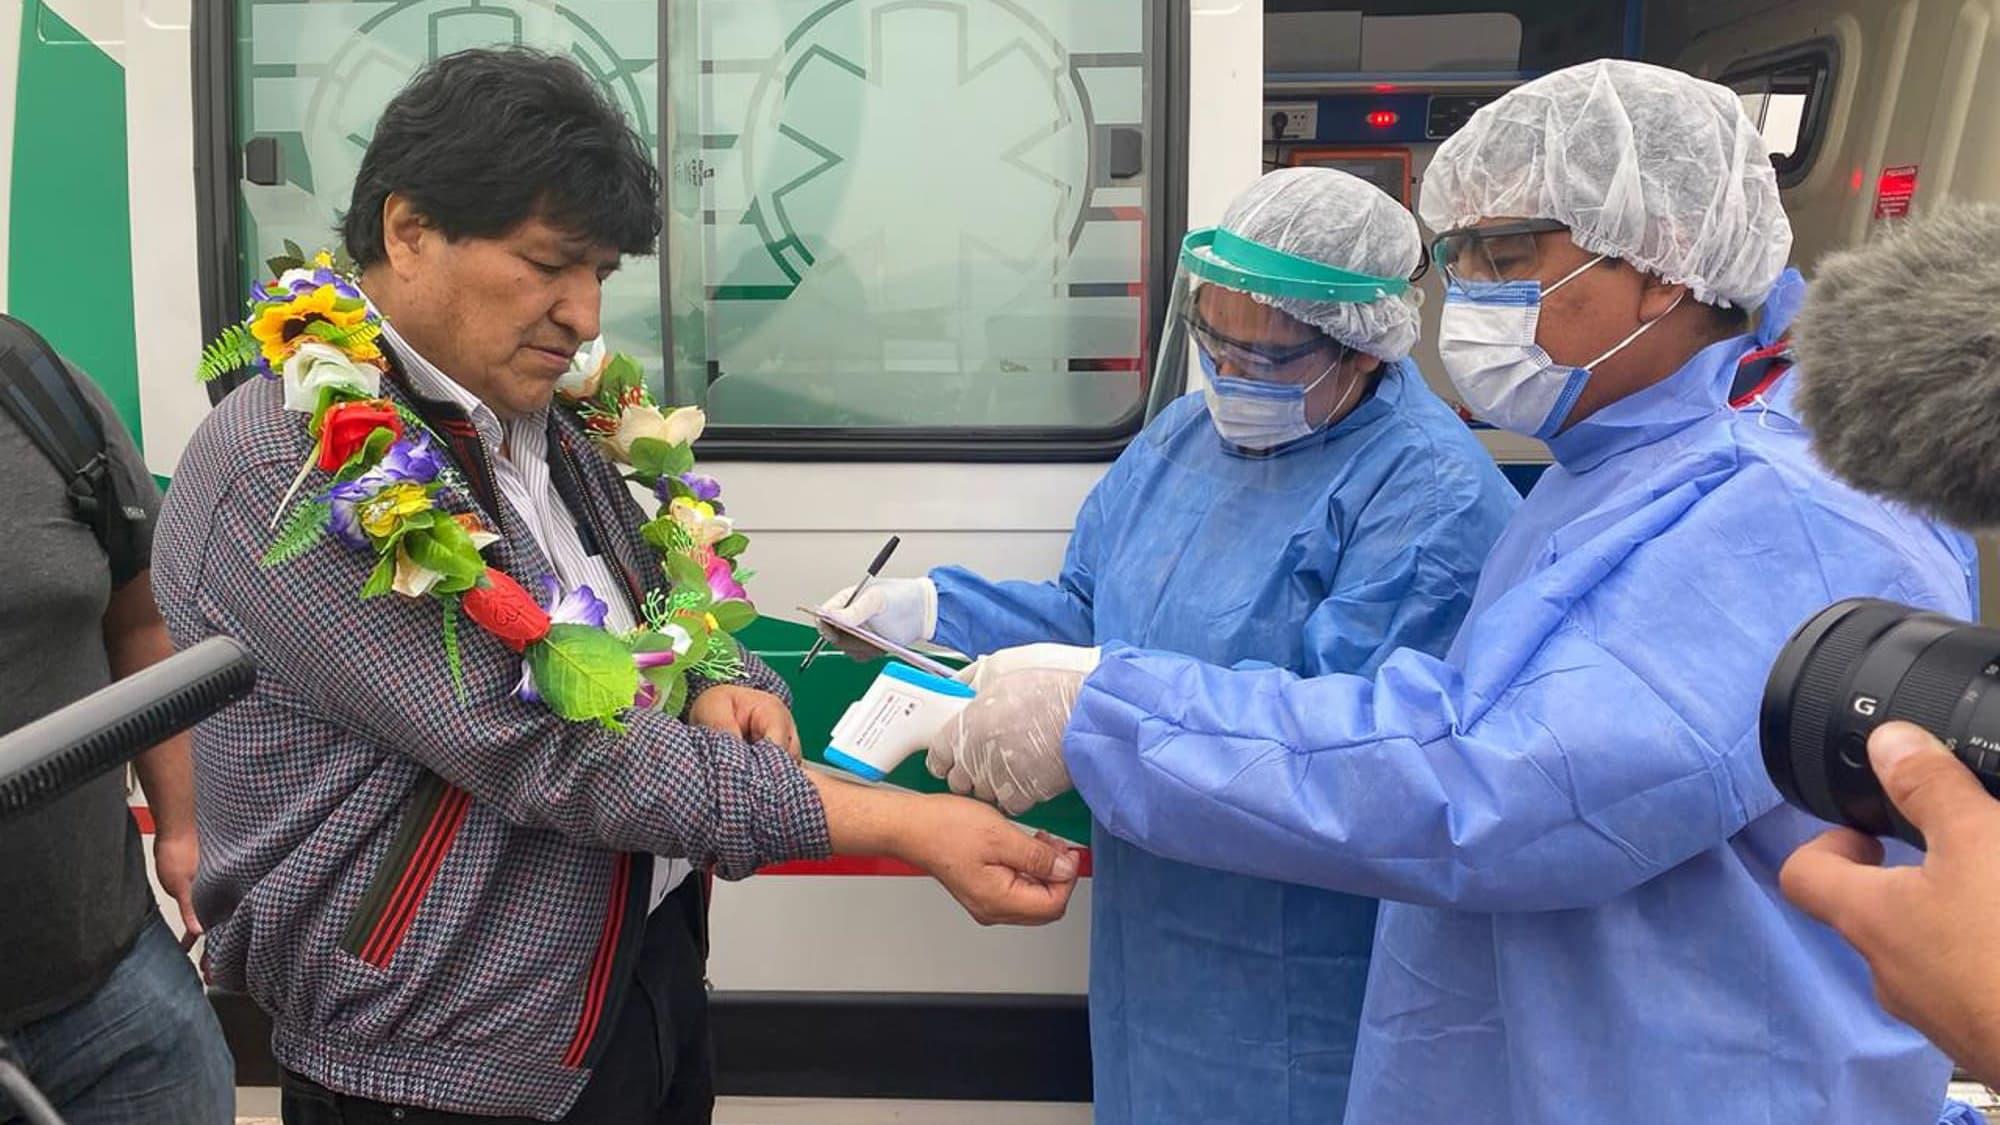 Morales terveystarkastuksessa ennen paluutaan kotiin